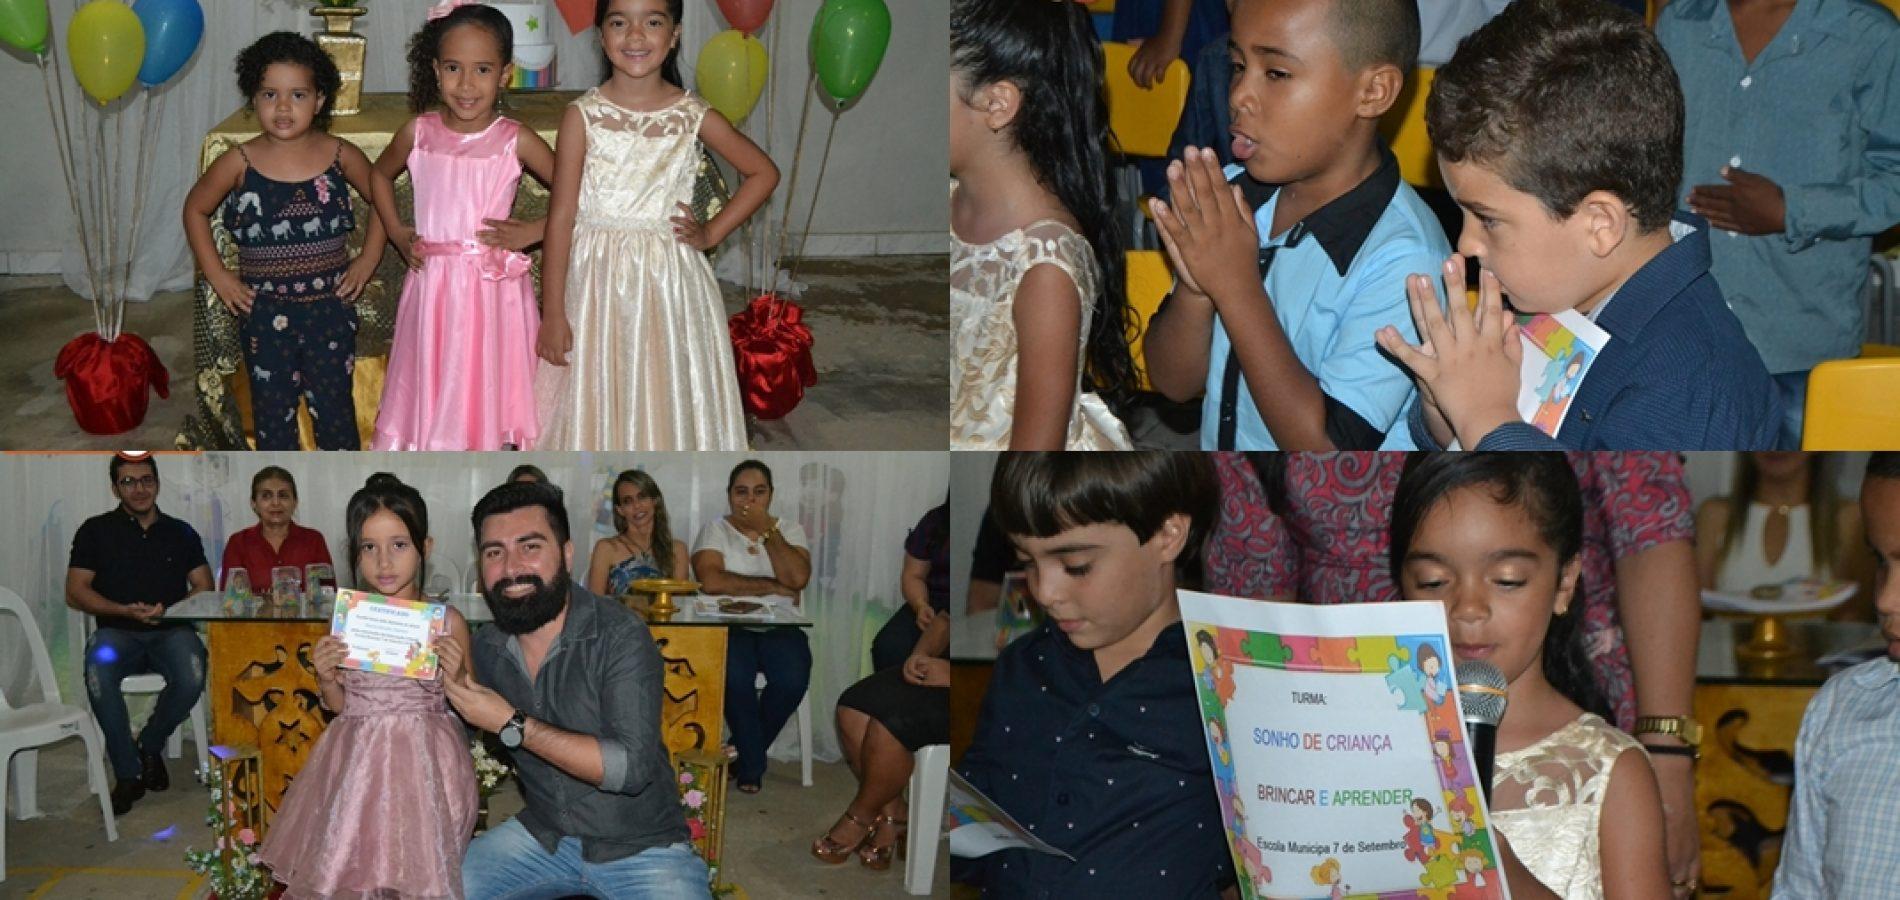 FOTOS | Colação de Grau de 58 alunos do ABC na Escola 7 de Setembro em Simões